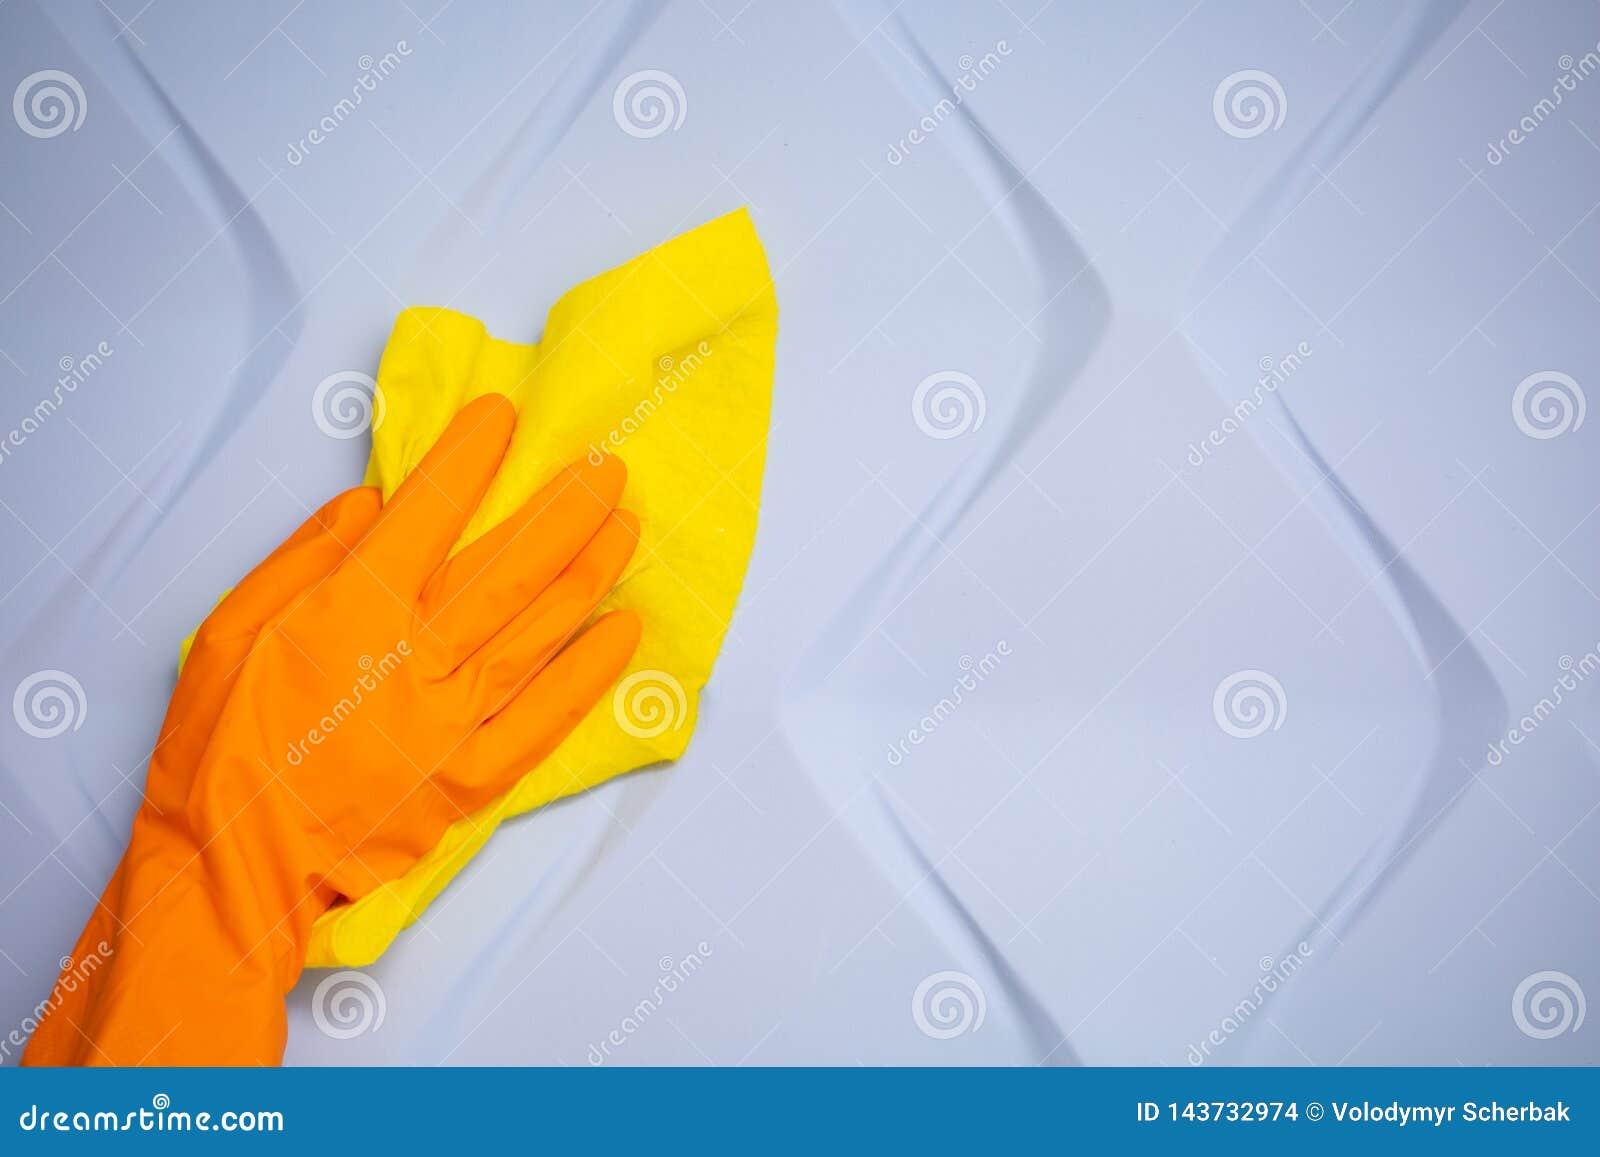 Mano del empleado en el guante protector de goma anaranjado que limpia la pared azul 3d del polvo con el trapo seco amarillo Limp